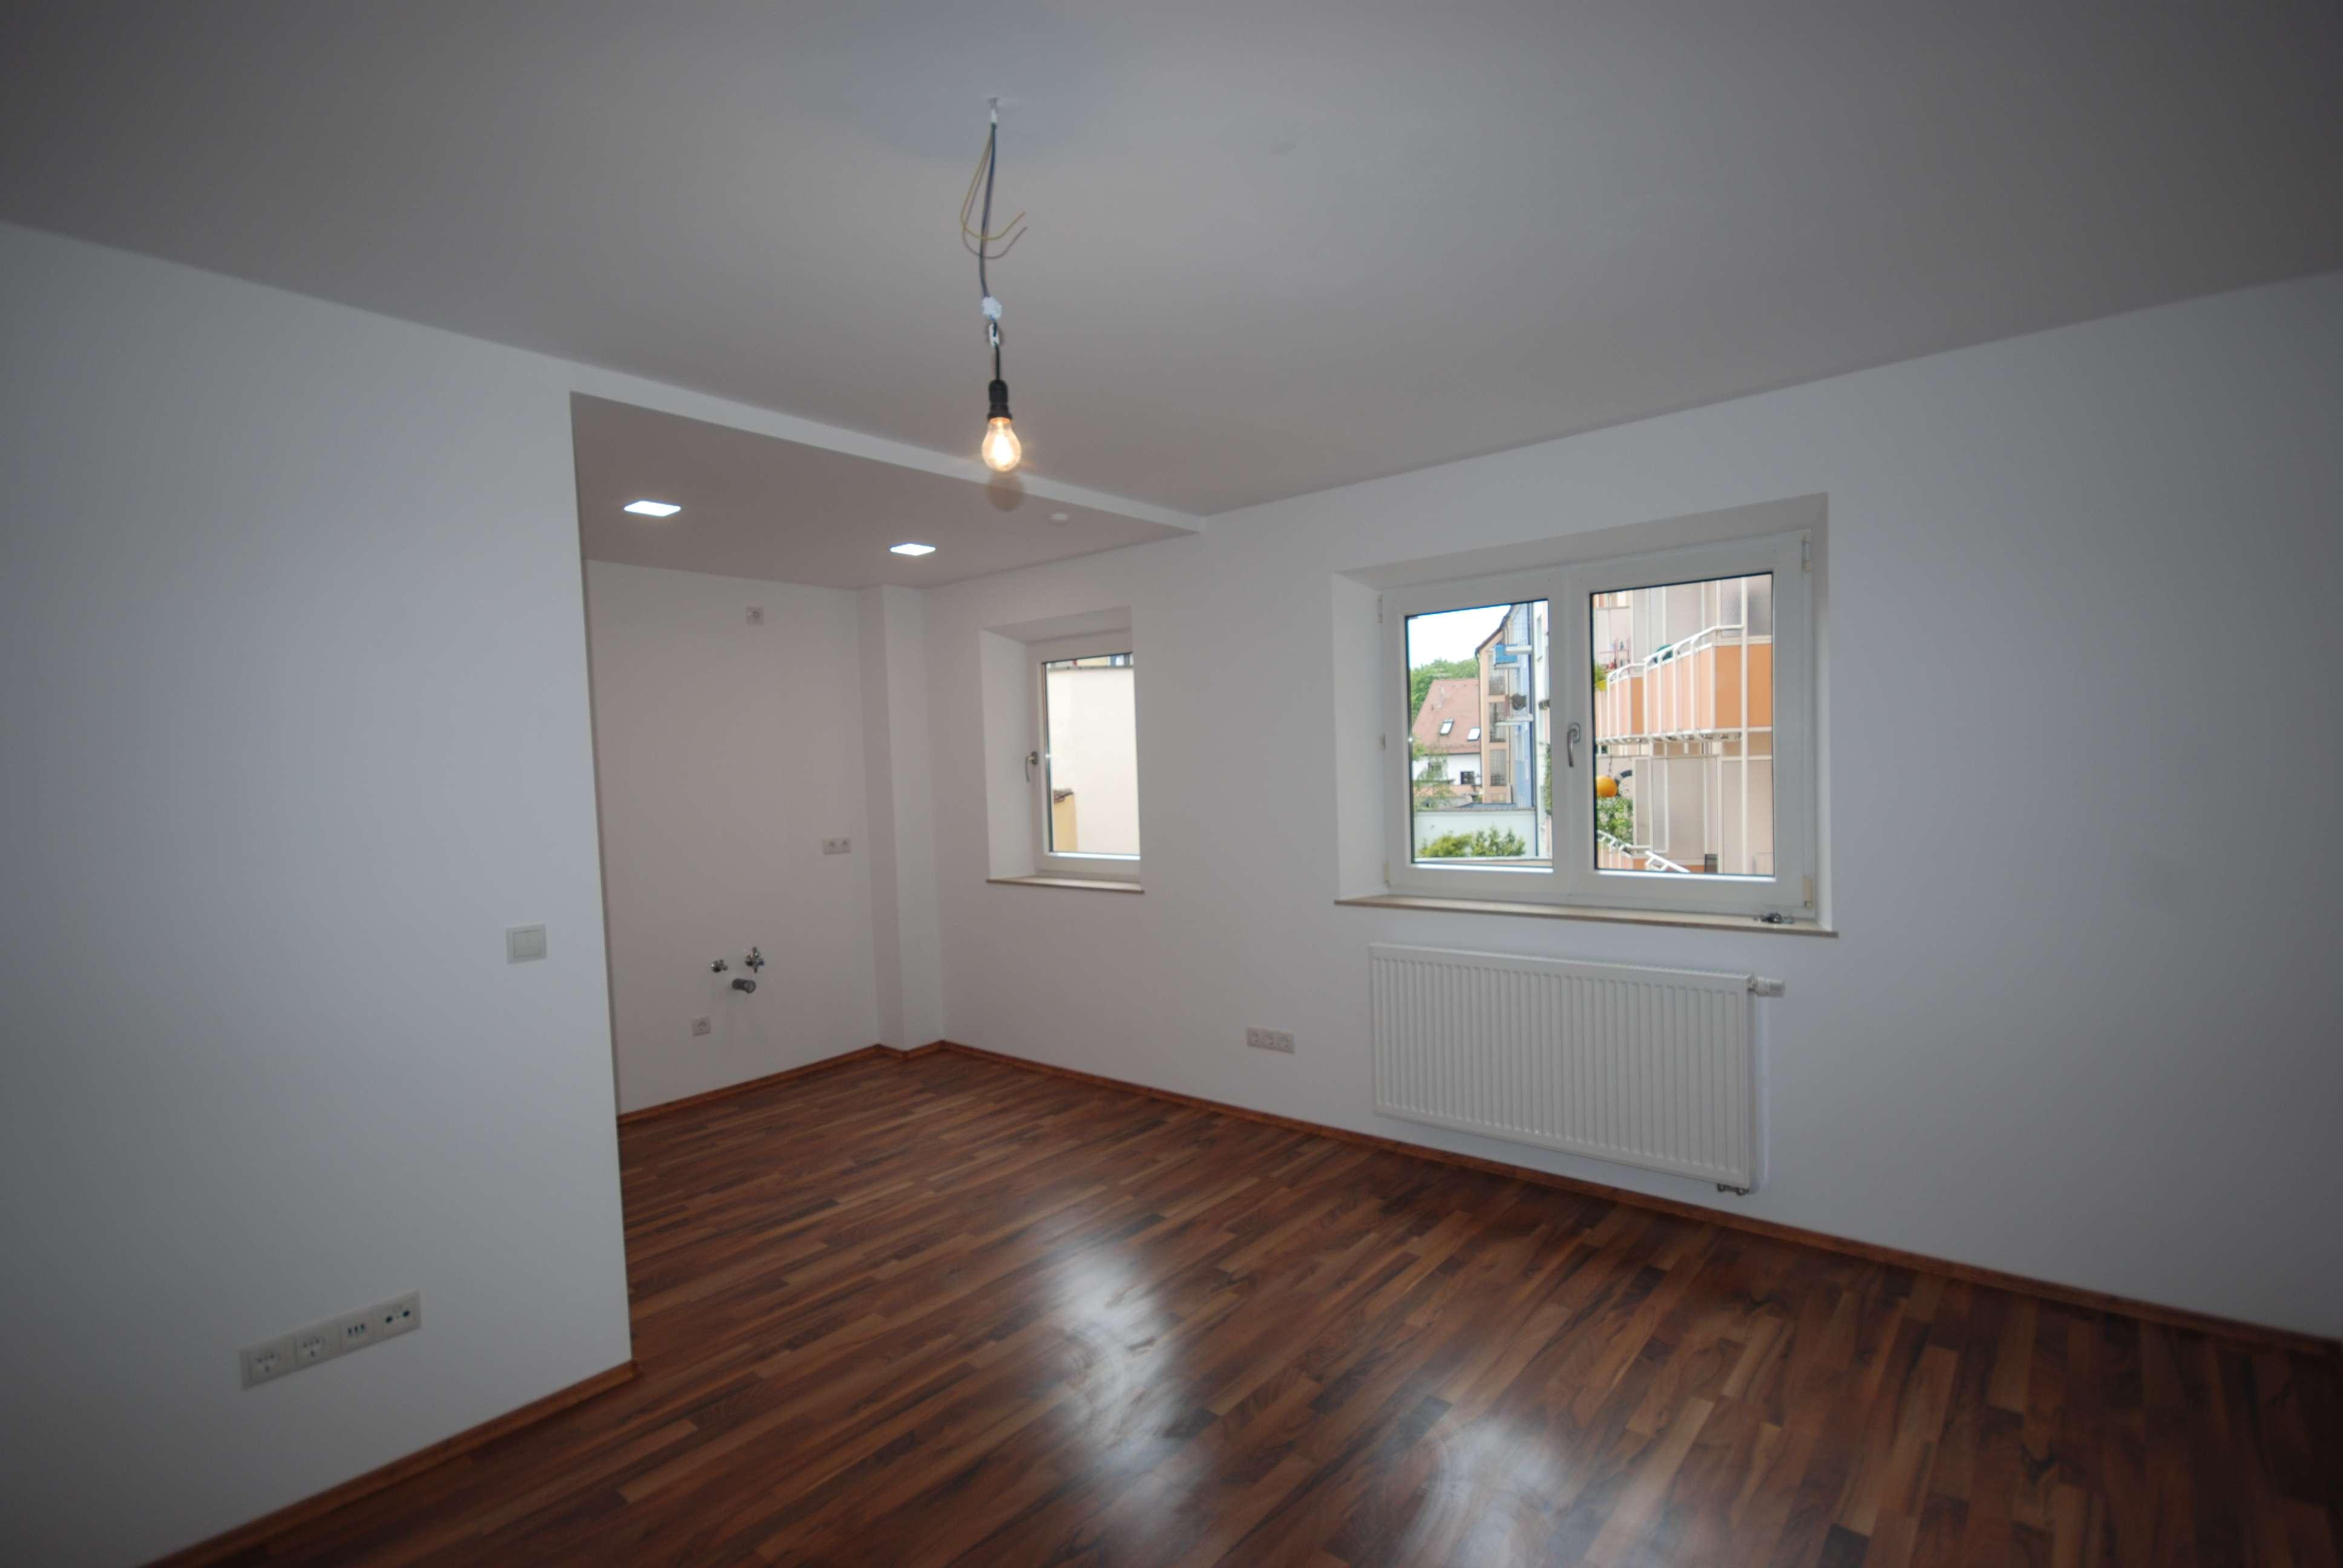 Gemütliche 1- Zimmer-Wohnung in St. Johannis-komplett saniert in Sandberg